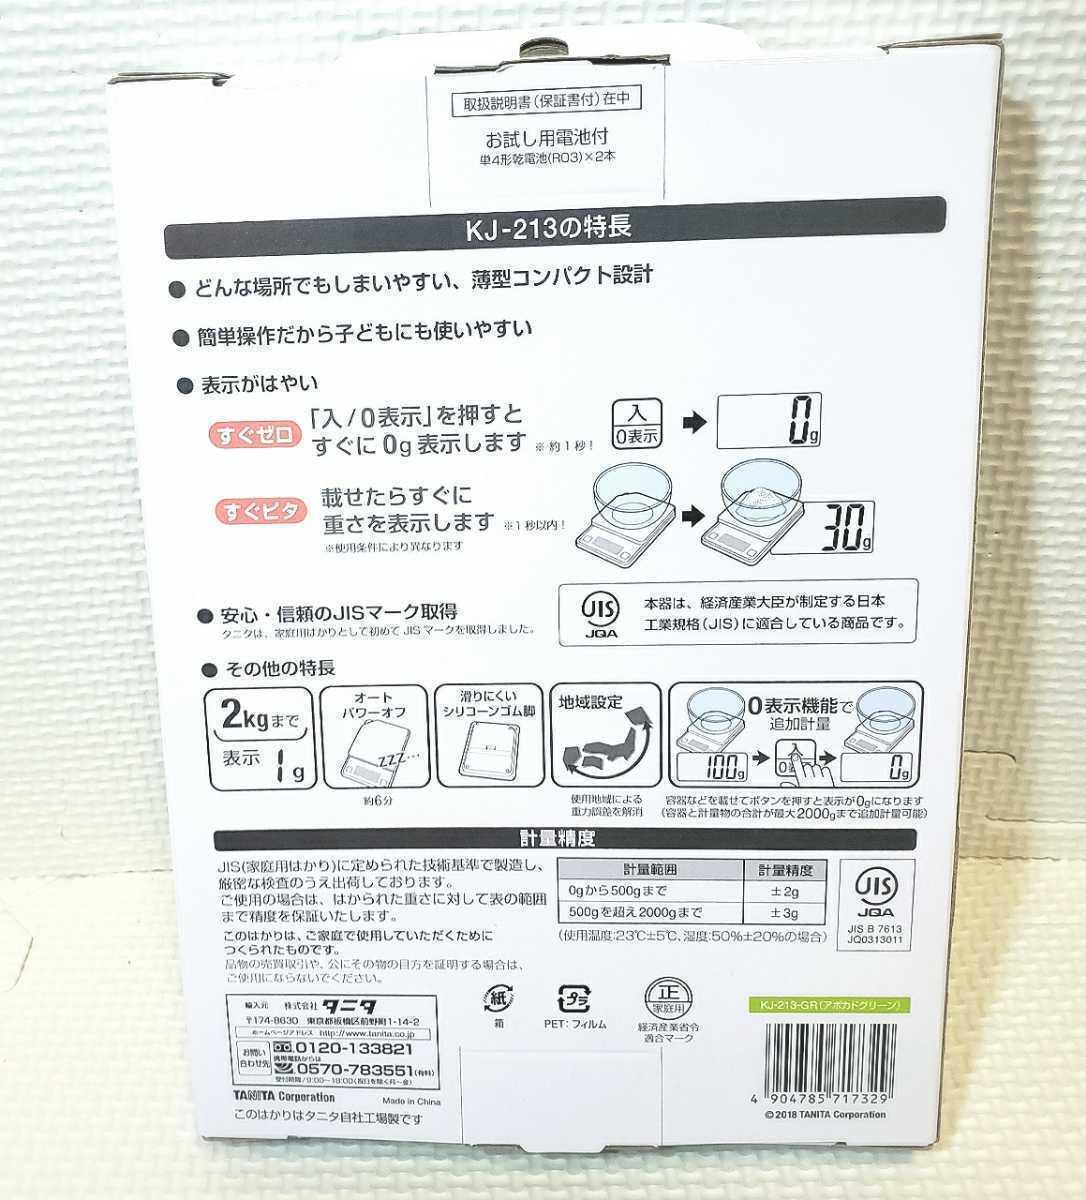 送料無料!! 新品 未使用 タニタ TANITA デジタルクッキングスケール KJ-213 アボカドグリーン(緑) 最大2kg タニタキッチンスケール